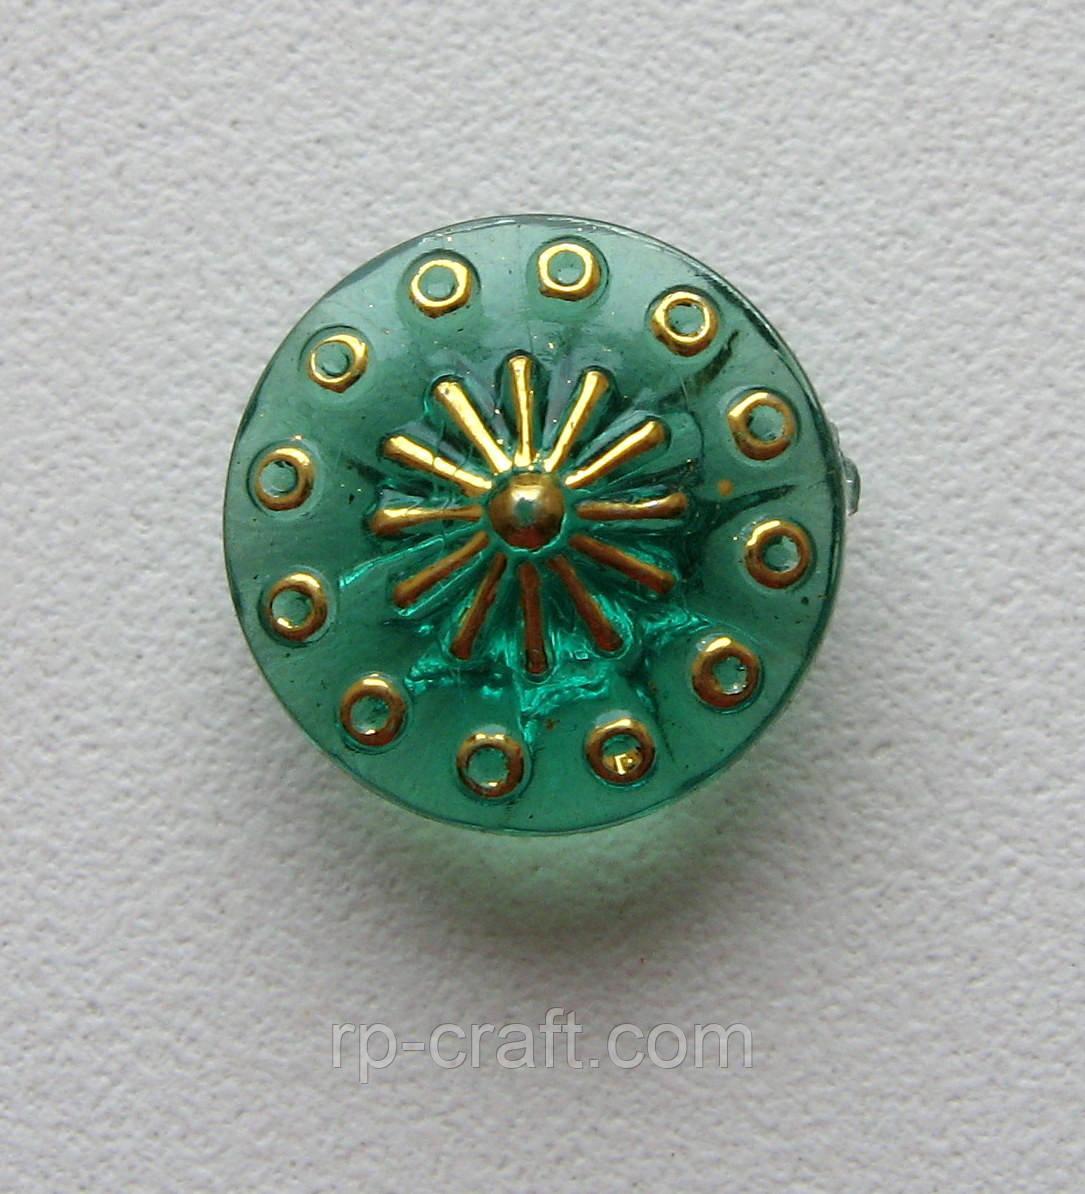 Пуговица пластиковая, круглая, с золотым рисунком, 13 мм